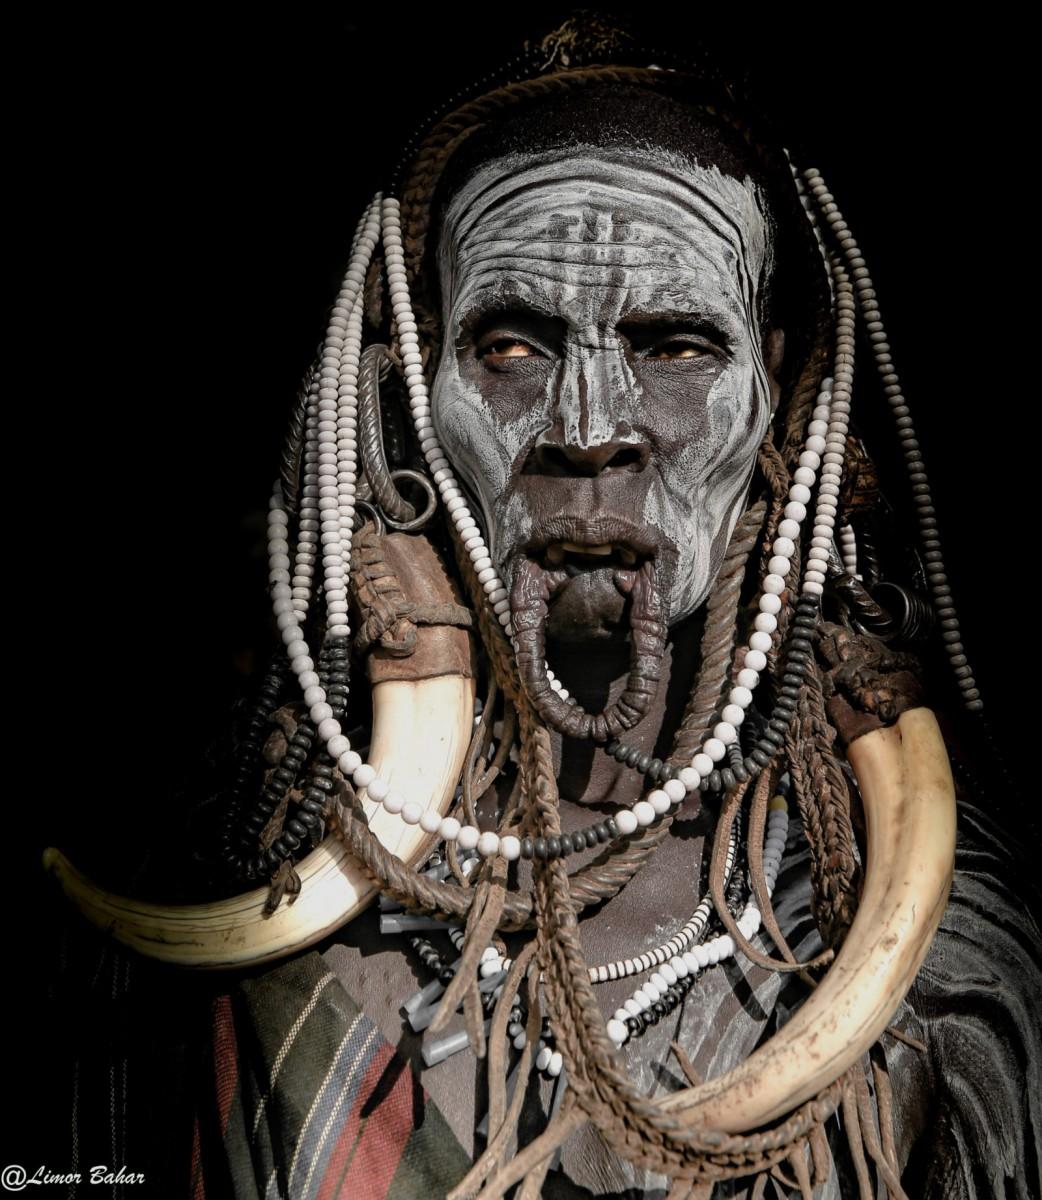 Эфиопия. Жещина из местного племени